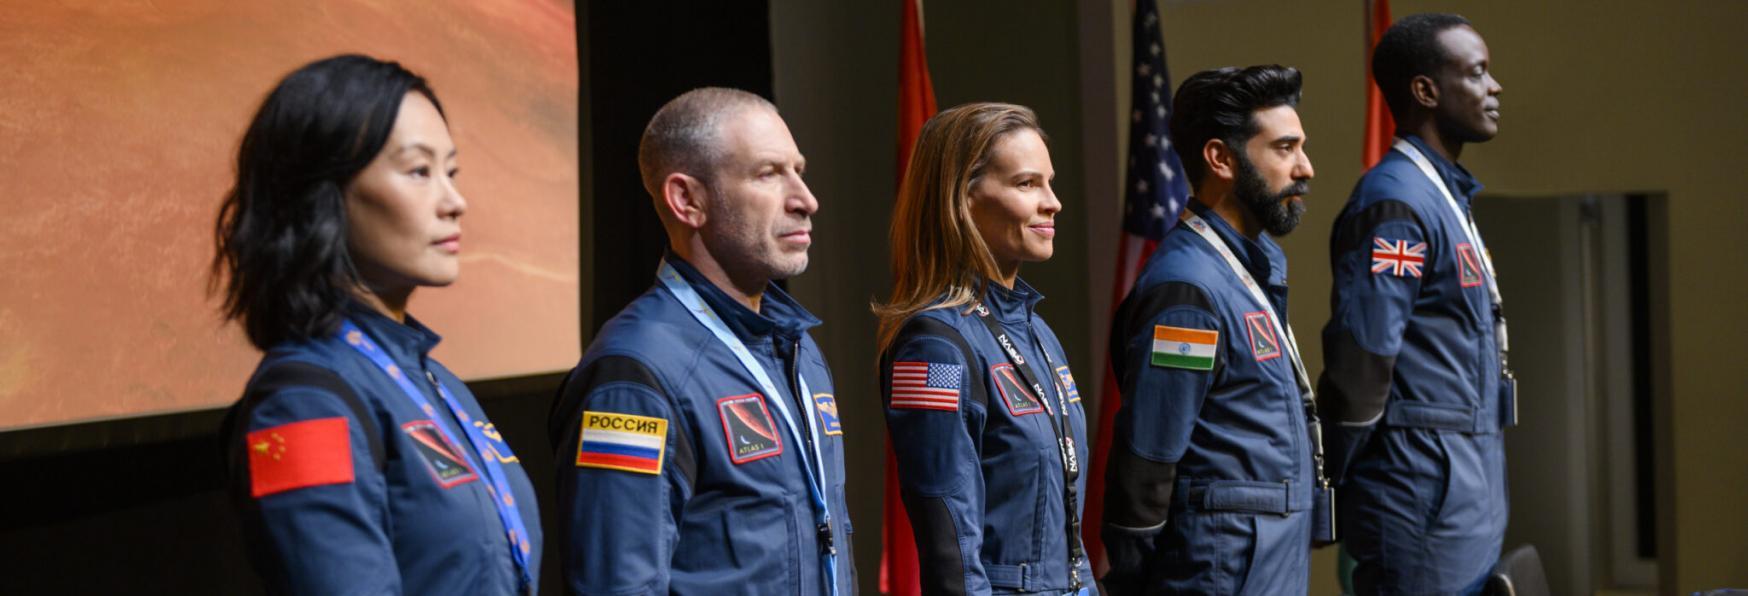 Away: Trama, Cast, Trailer e Data di Uscita della Serie TV Netflix